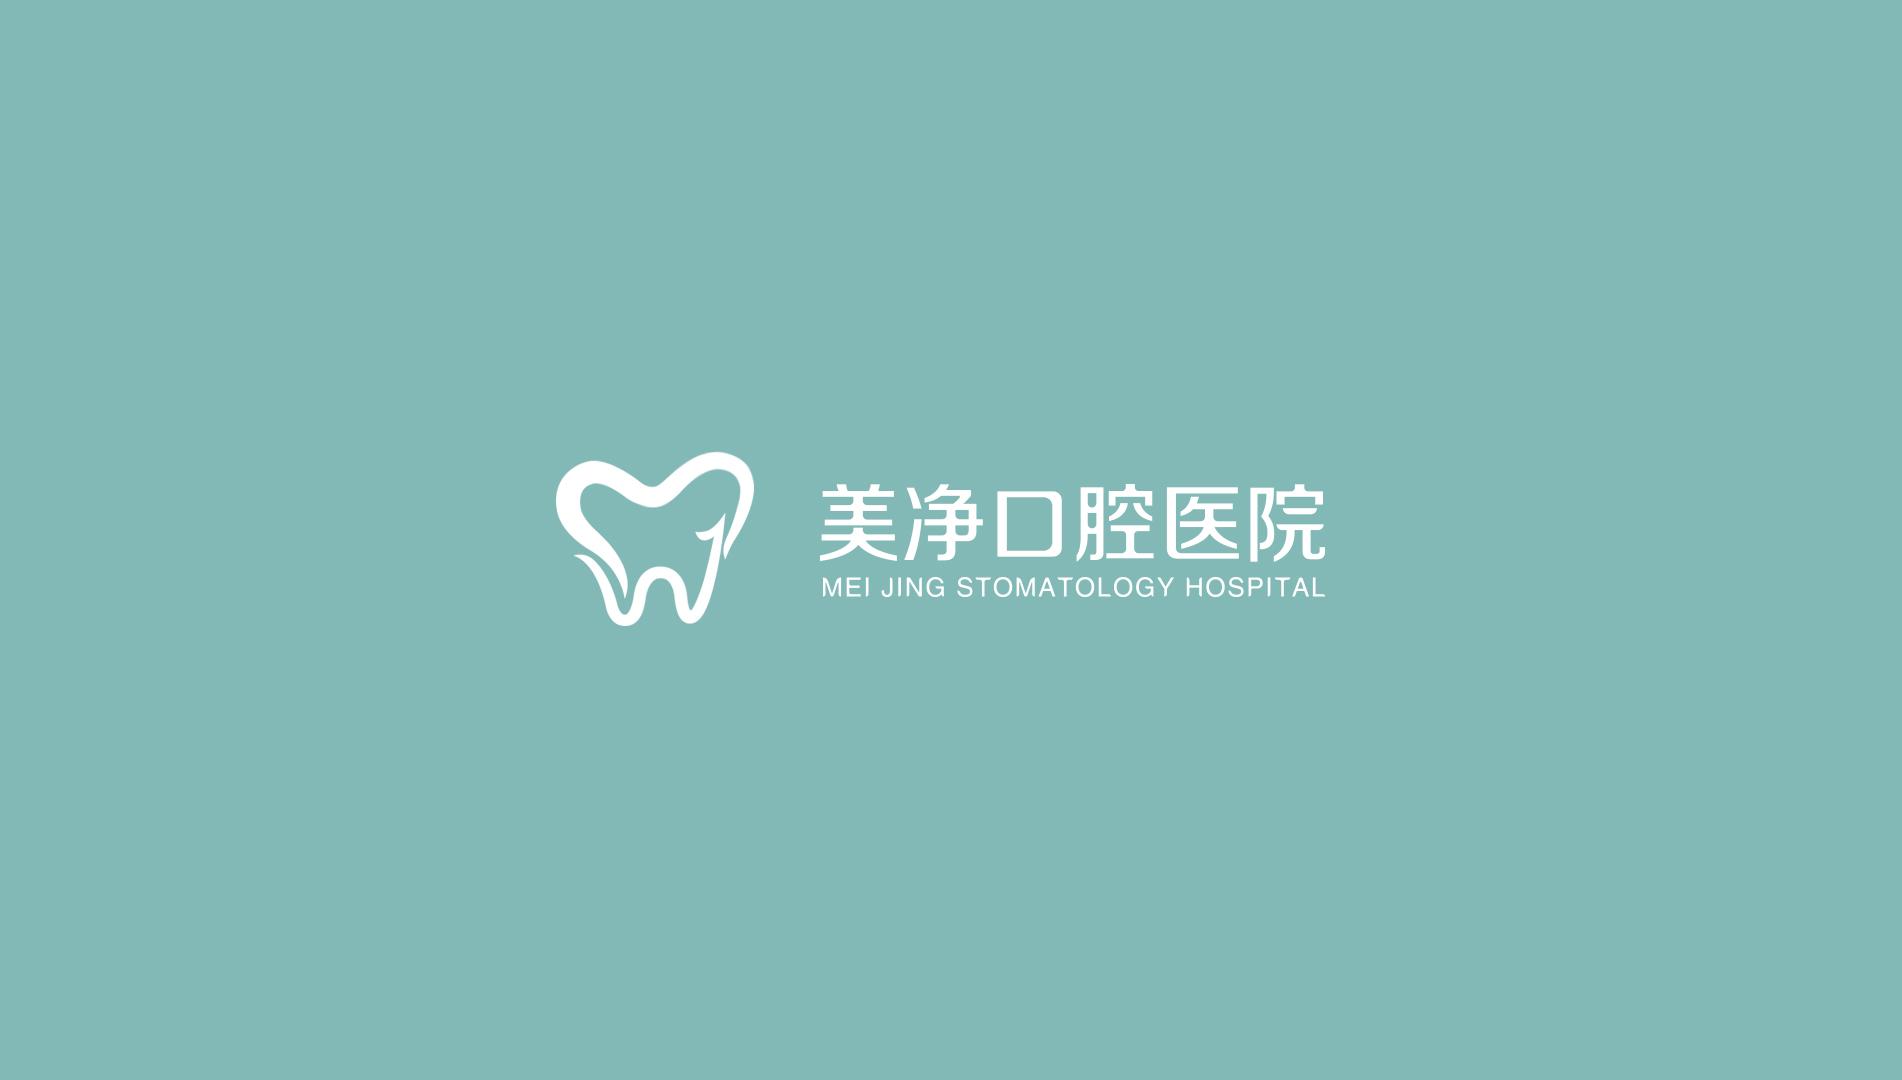 美净口腔医院logo设计